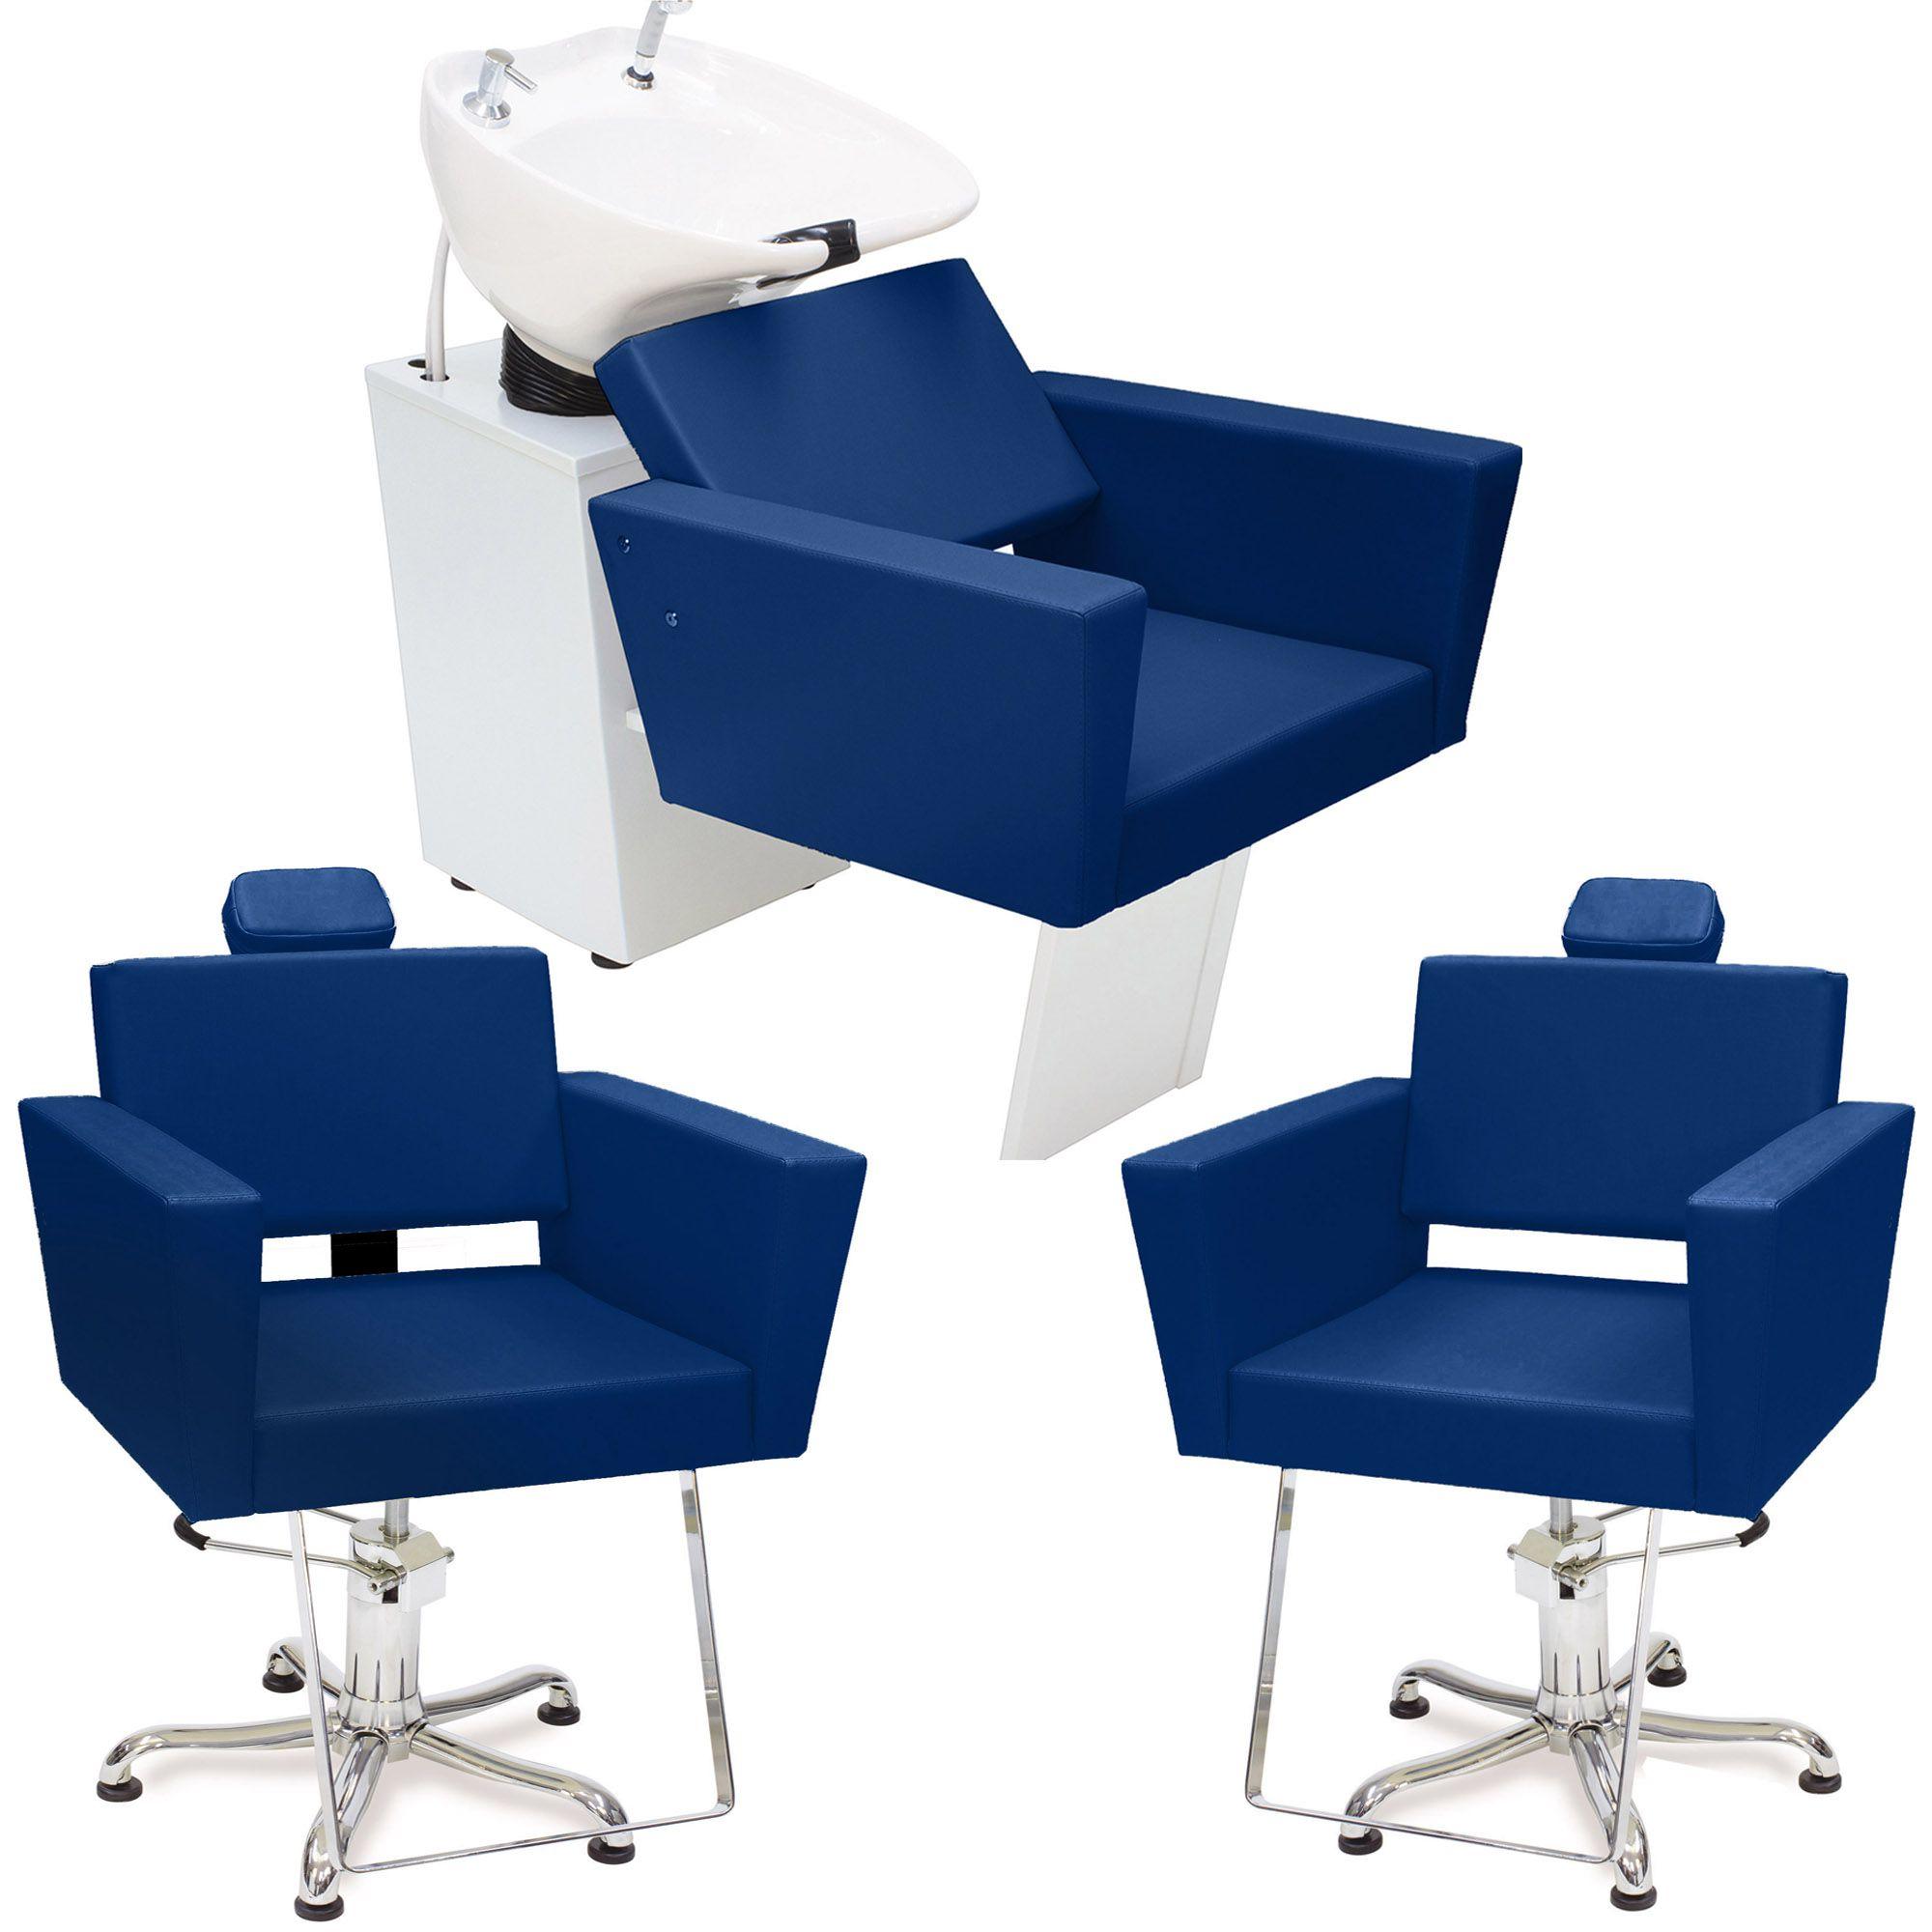 Kit cadeira fixa niagara + cadeira reclinável niagara + lavatório niagara